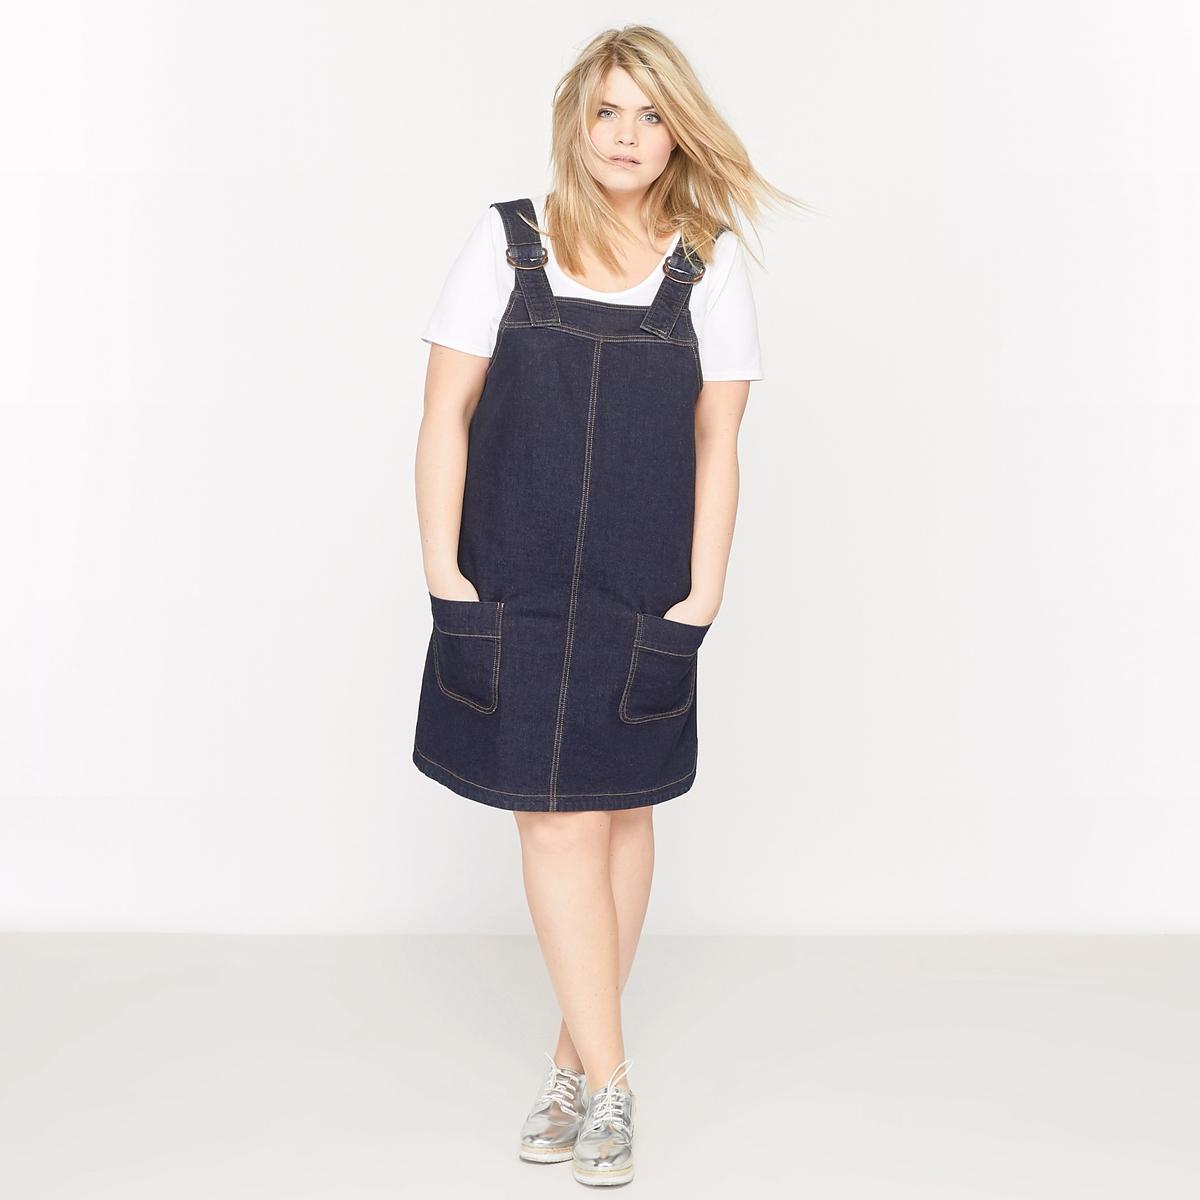 Платье-комбинезон из денимаМатериал : деним, 99% хлопка, 1% эластана.Длина : 95 см.Марка : CASTALUNA.Уход : Машинная стирка при 40 °С.<br><br>Цвет: темно-синий